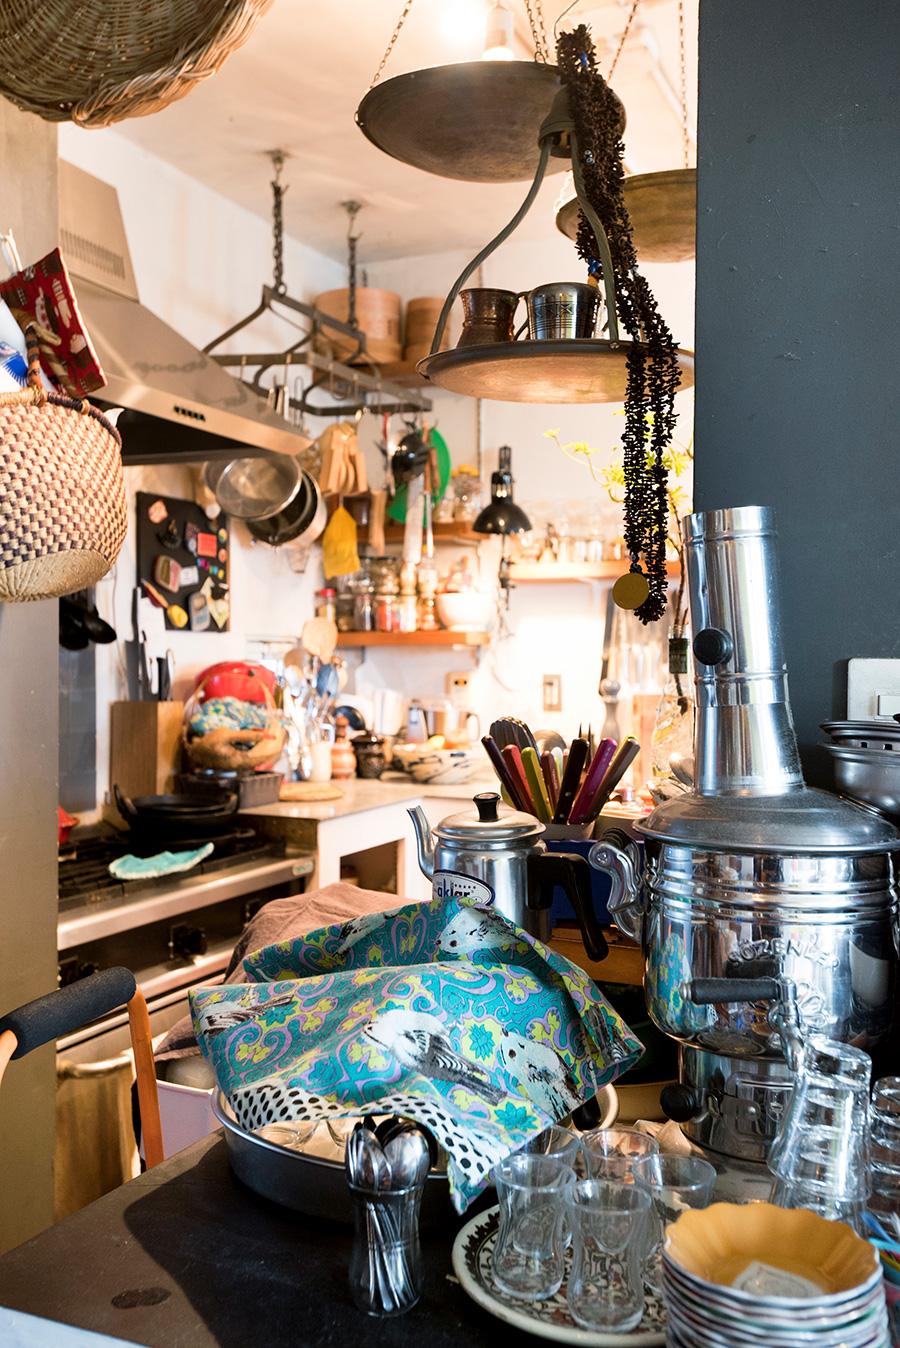 料理教室で使用する食器やカトラリーも、海外で買ってきたもの。天井から吊るされたエイジング感のあるハンガーが、空間を隙間なく彩る。